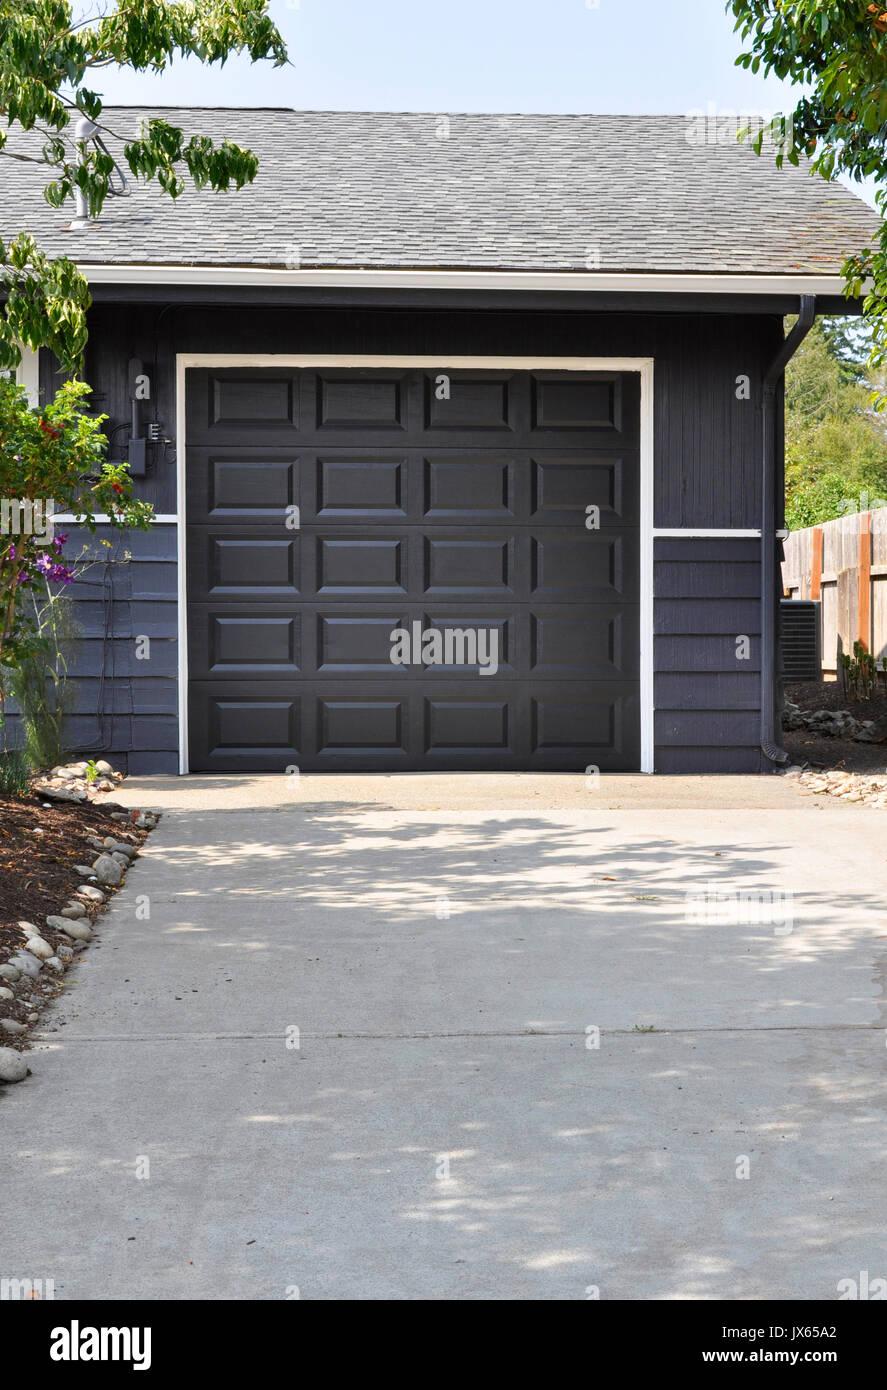 Garage door exterior stock photos garage door exterior for 1 car garage door